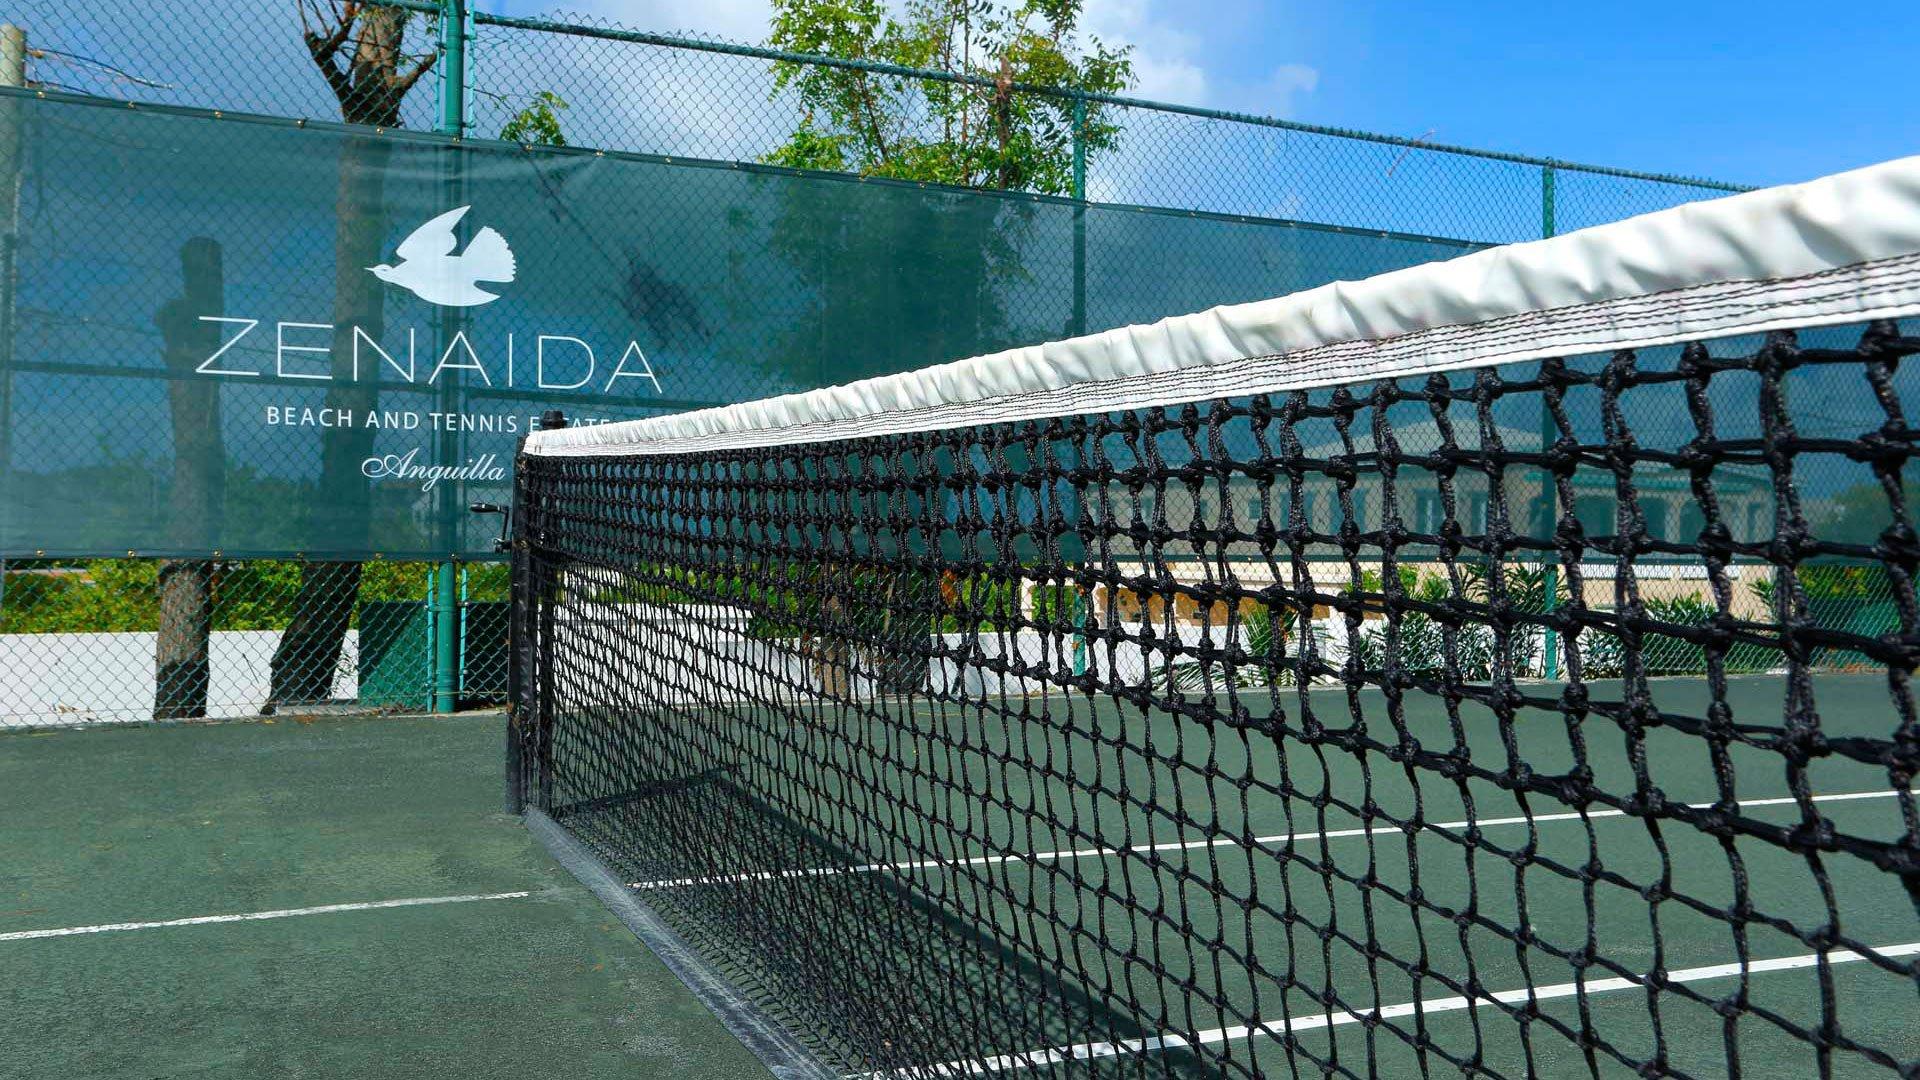 Zenaida tennis